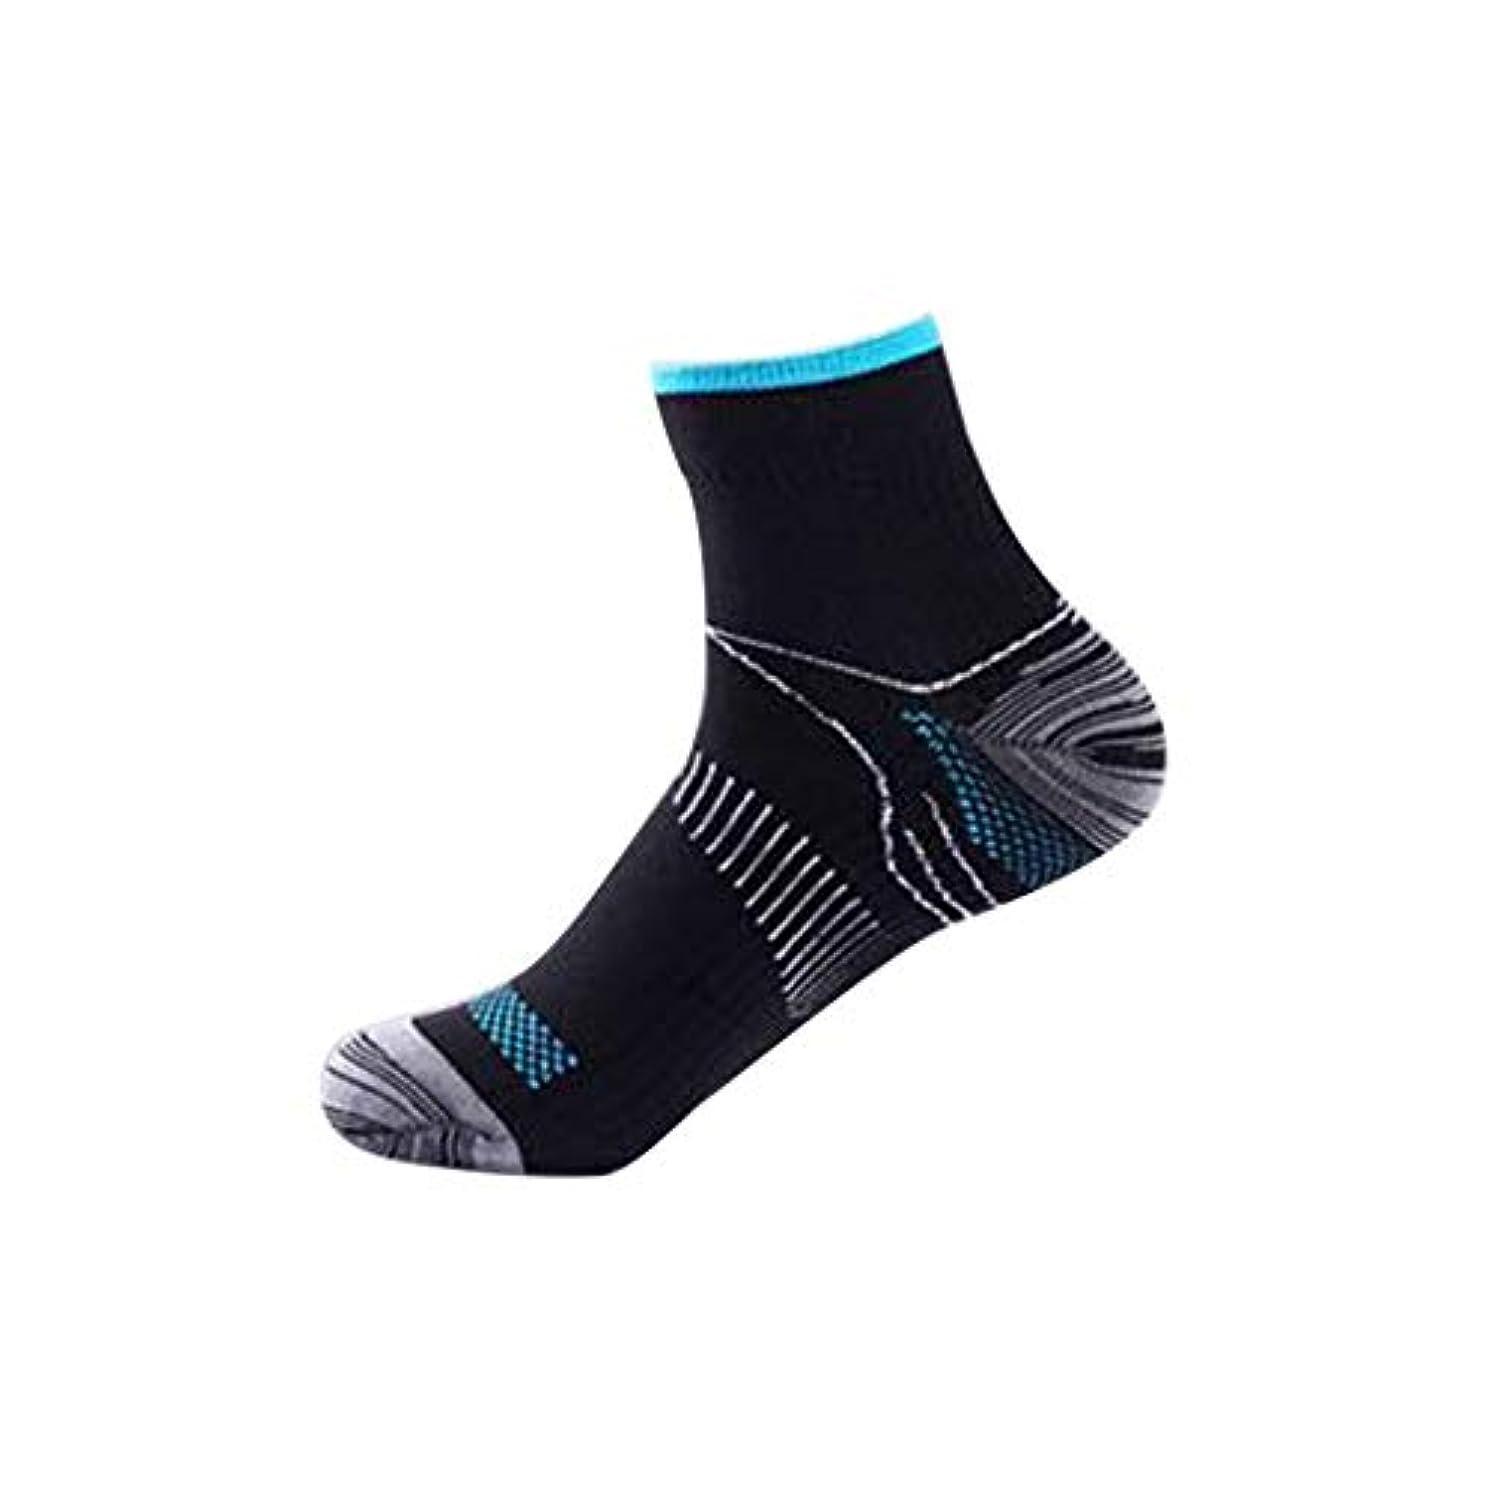 全員こする根拠快適な男性の女性の膝の靴下のサポートストレッチ通気性の靴下の下の短いストレッチ圧縮の靴下(Color:black&blue)(Size:S/M)